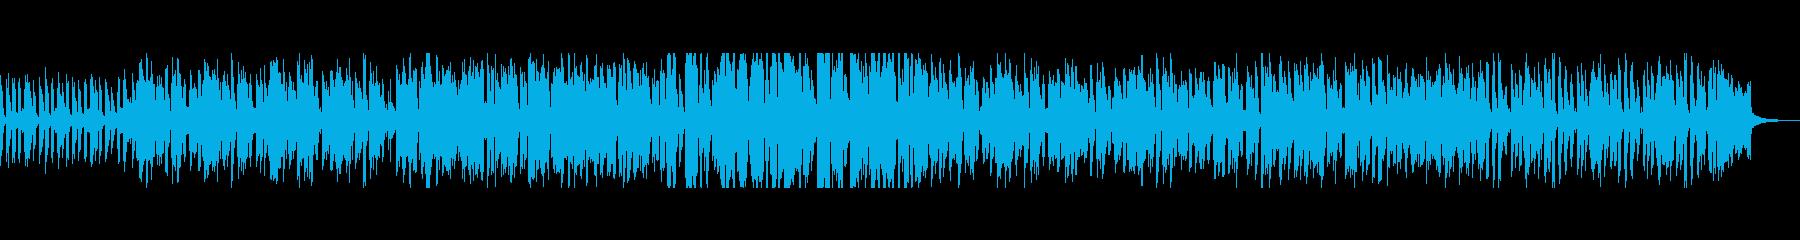 トランペット入りのお洒落でメロウなジャズの再生済みの波形